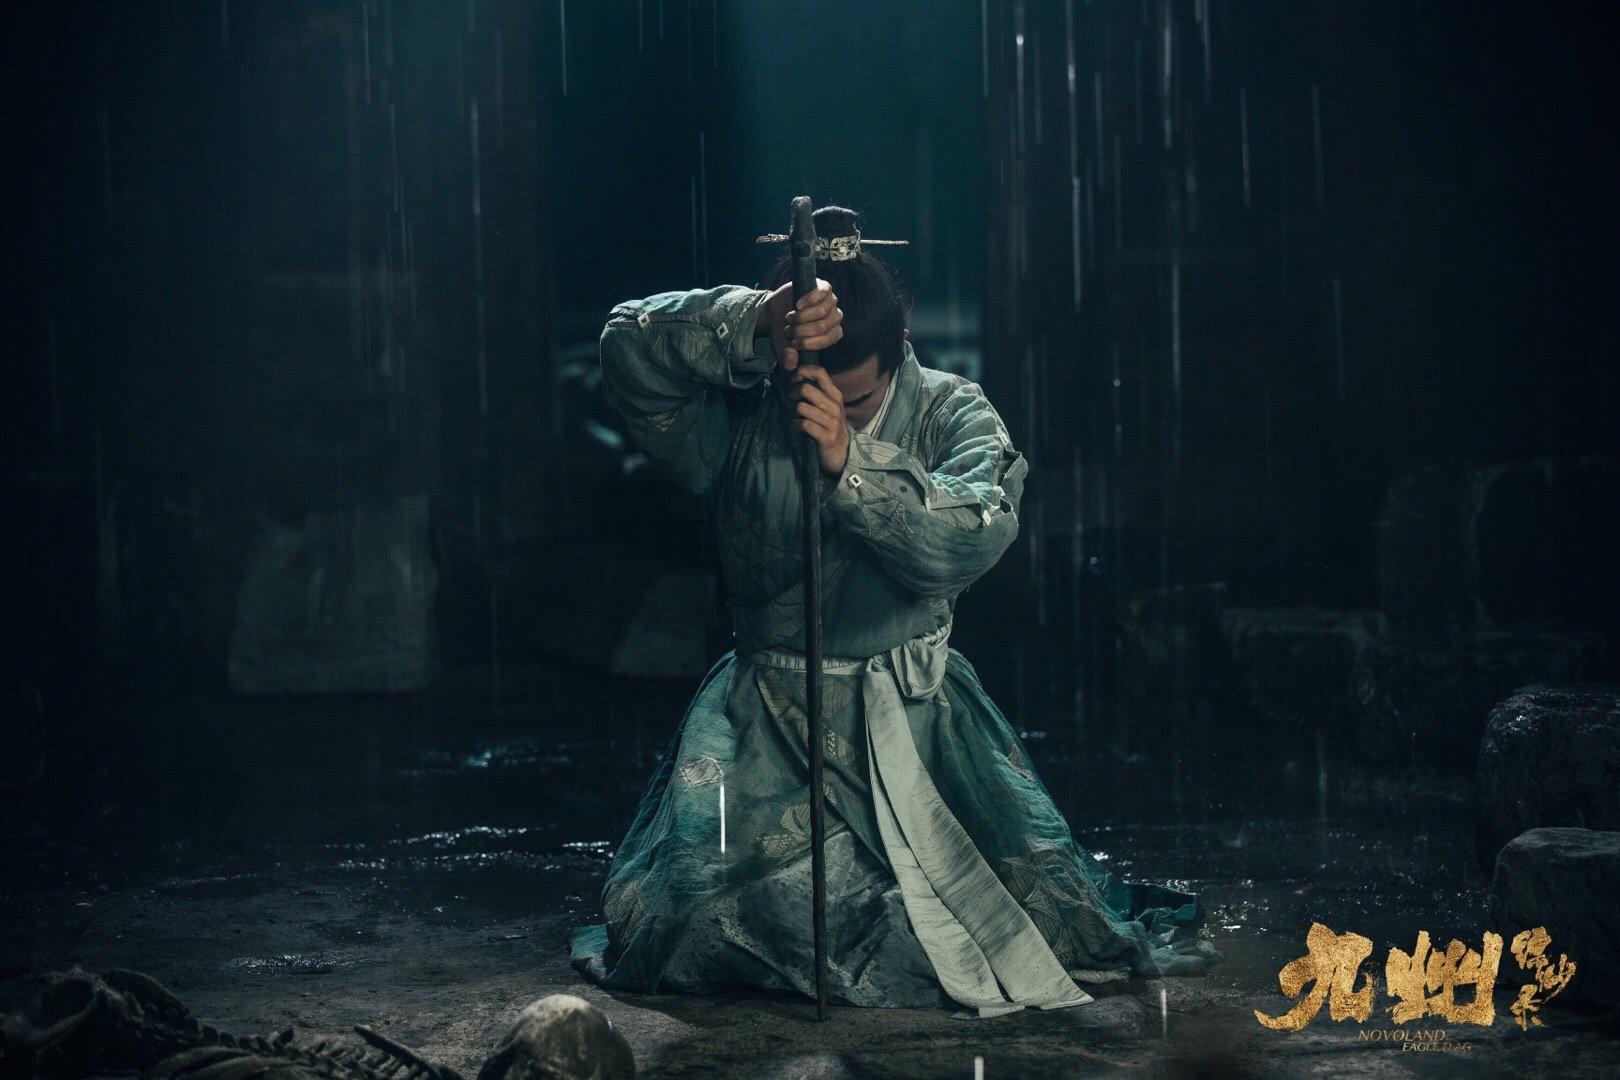 《九州缥缈录》热度不理想,江南被指翻脸不认人,看他本人怎么说